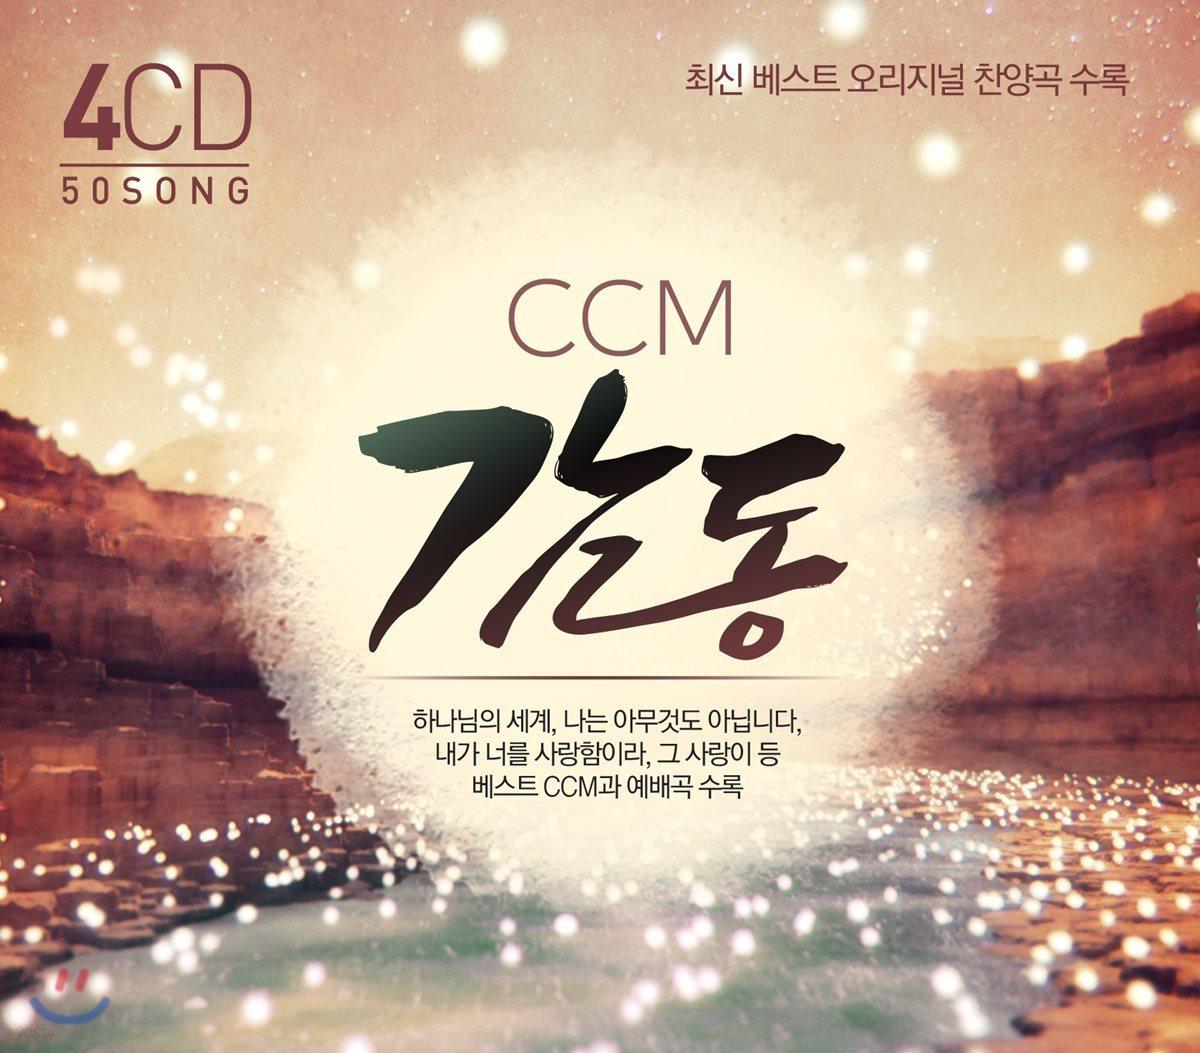 CCM 감동 [4CD]